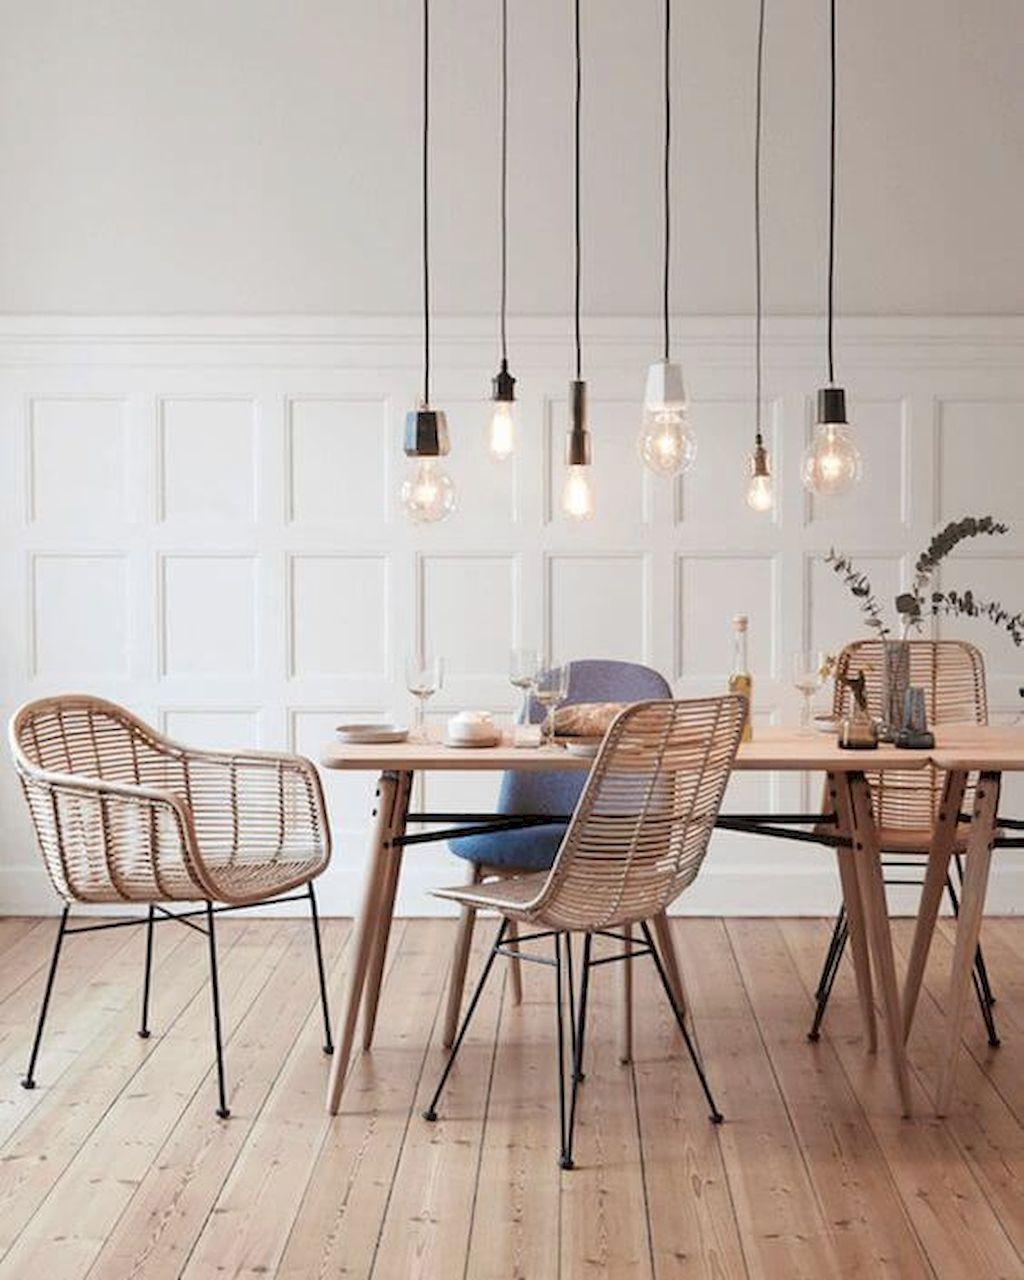 Amazing Scandinavian Dining Room Interior Idea   Carrebianhome.com